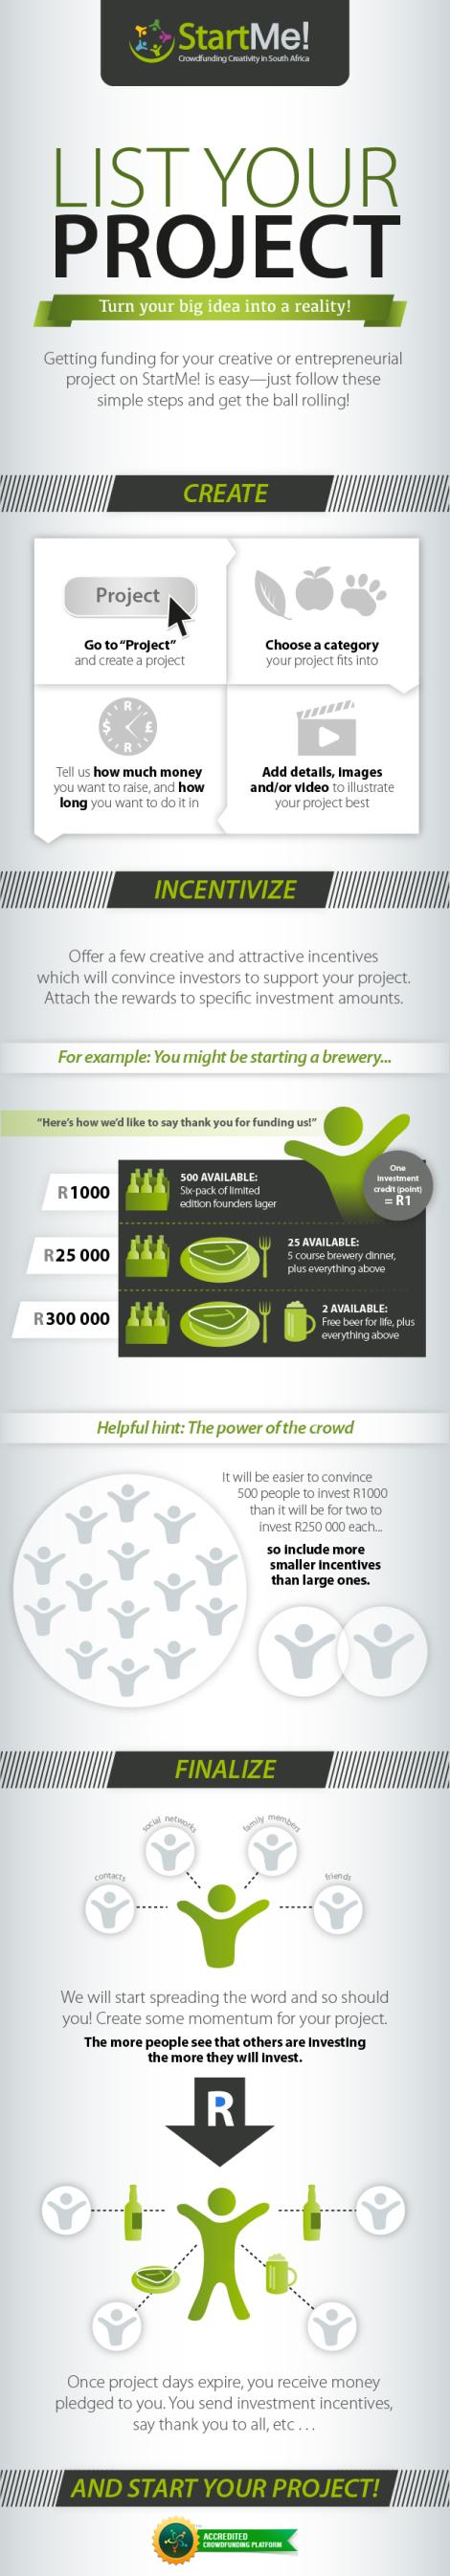 StartMe_Infographic_Creators